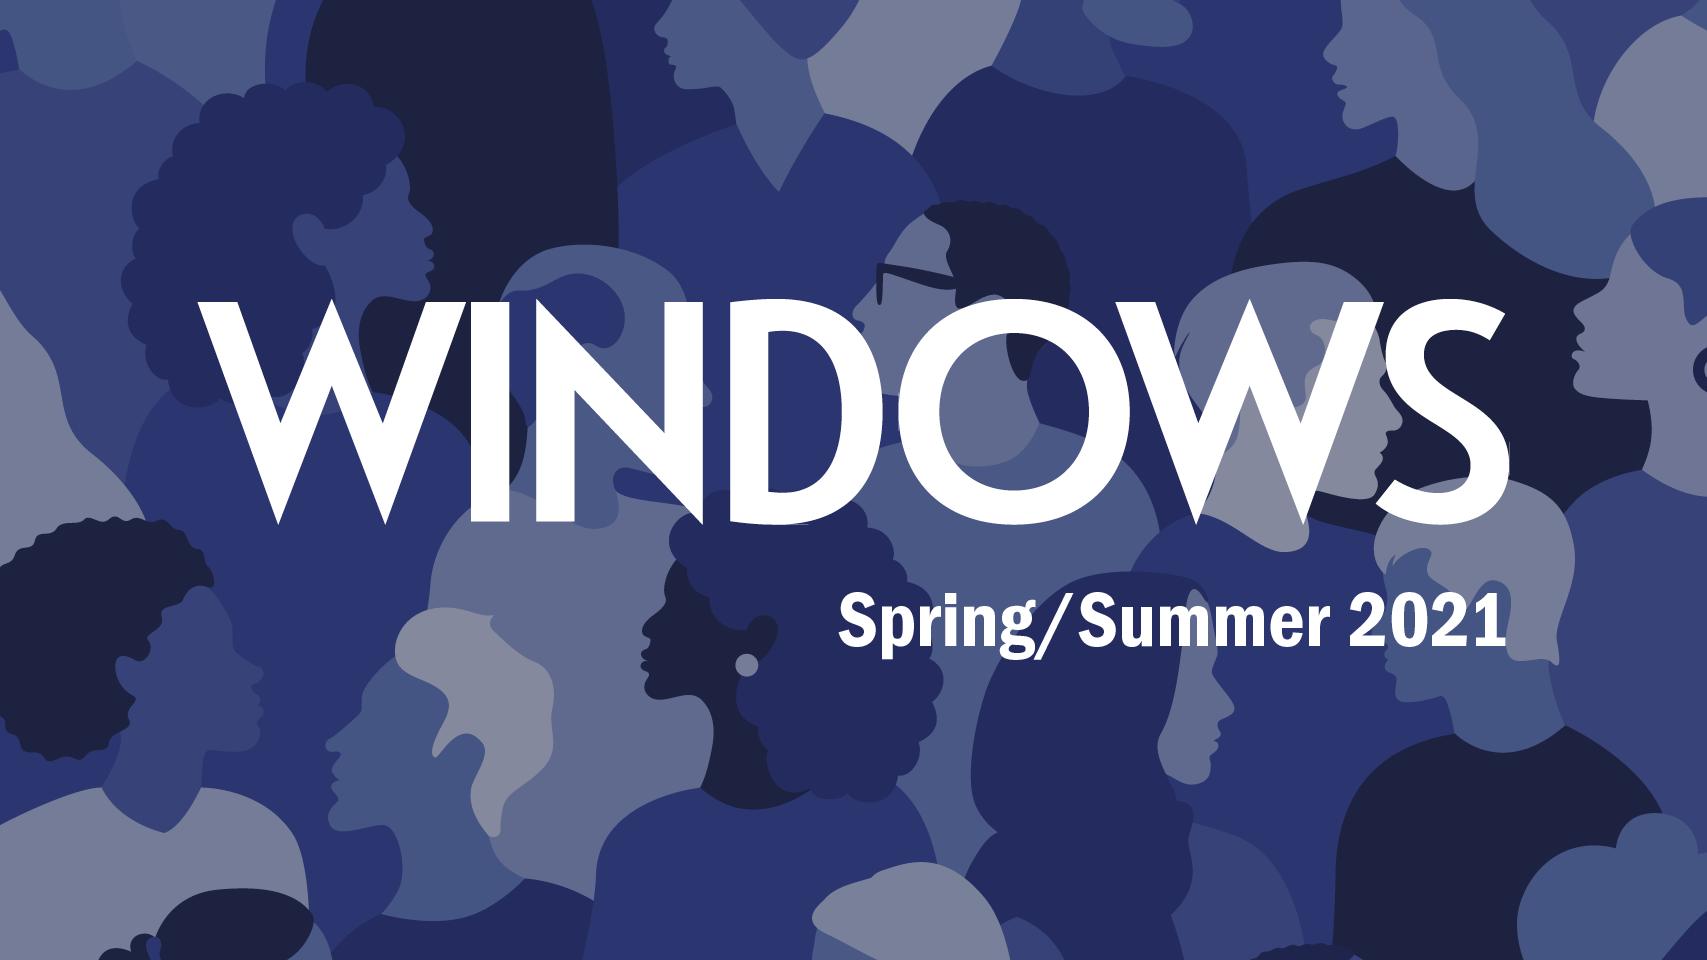 Windows Magazine Spring/Summer 2021